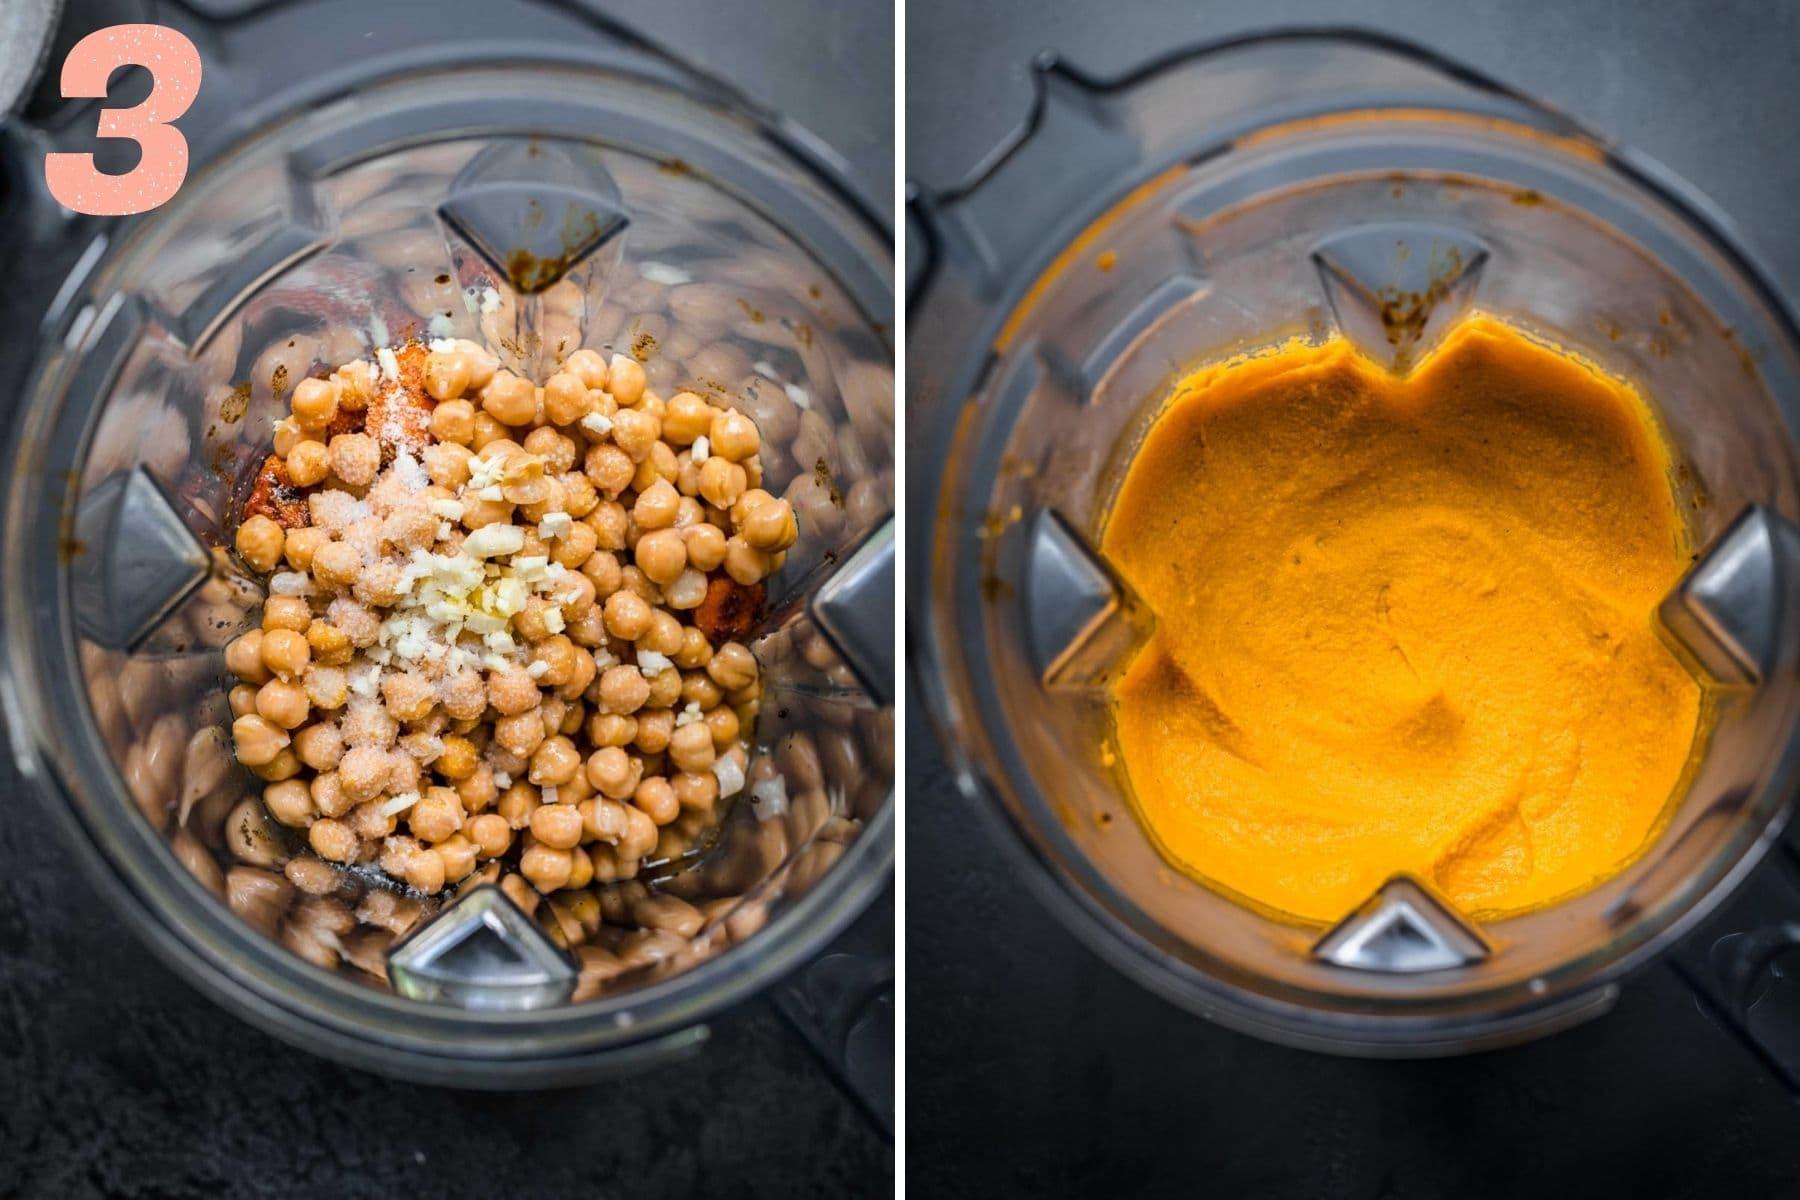 On the left: carrot dip before blending. On the right: dip after blending.